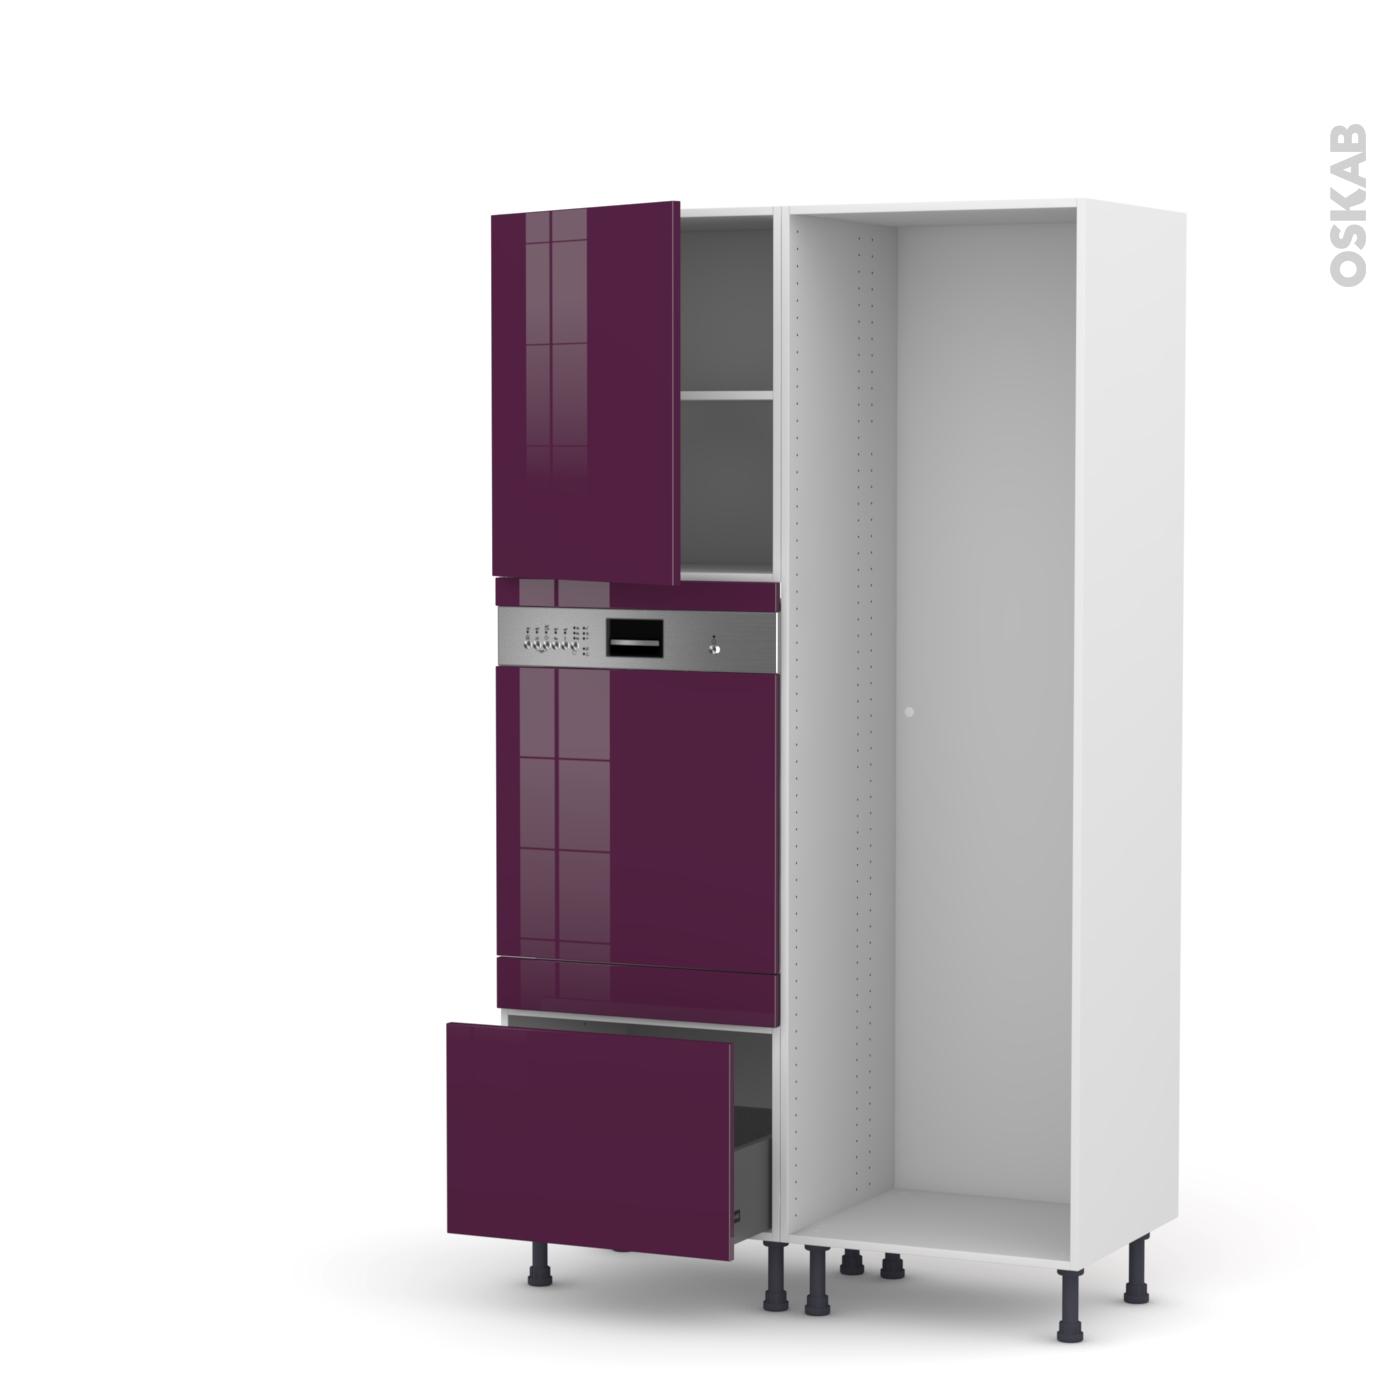 Colonne De Cuisine Lave Vaisselle Intégrable Keria Aubergine L60 X H195 X P58 Cm Oskab